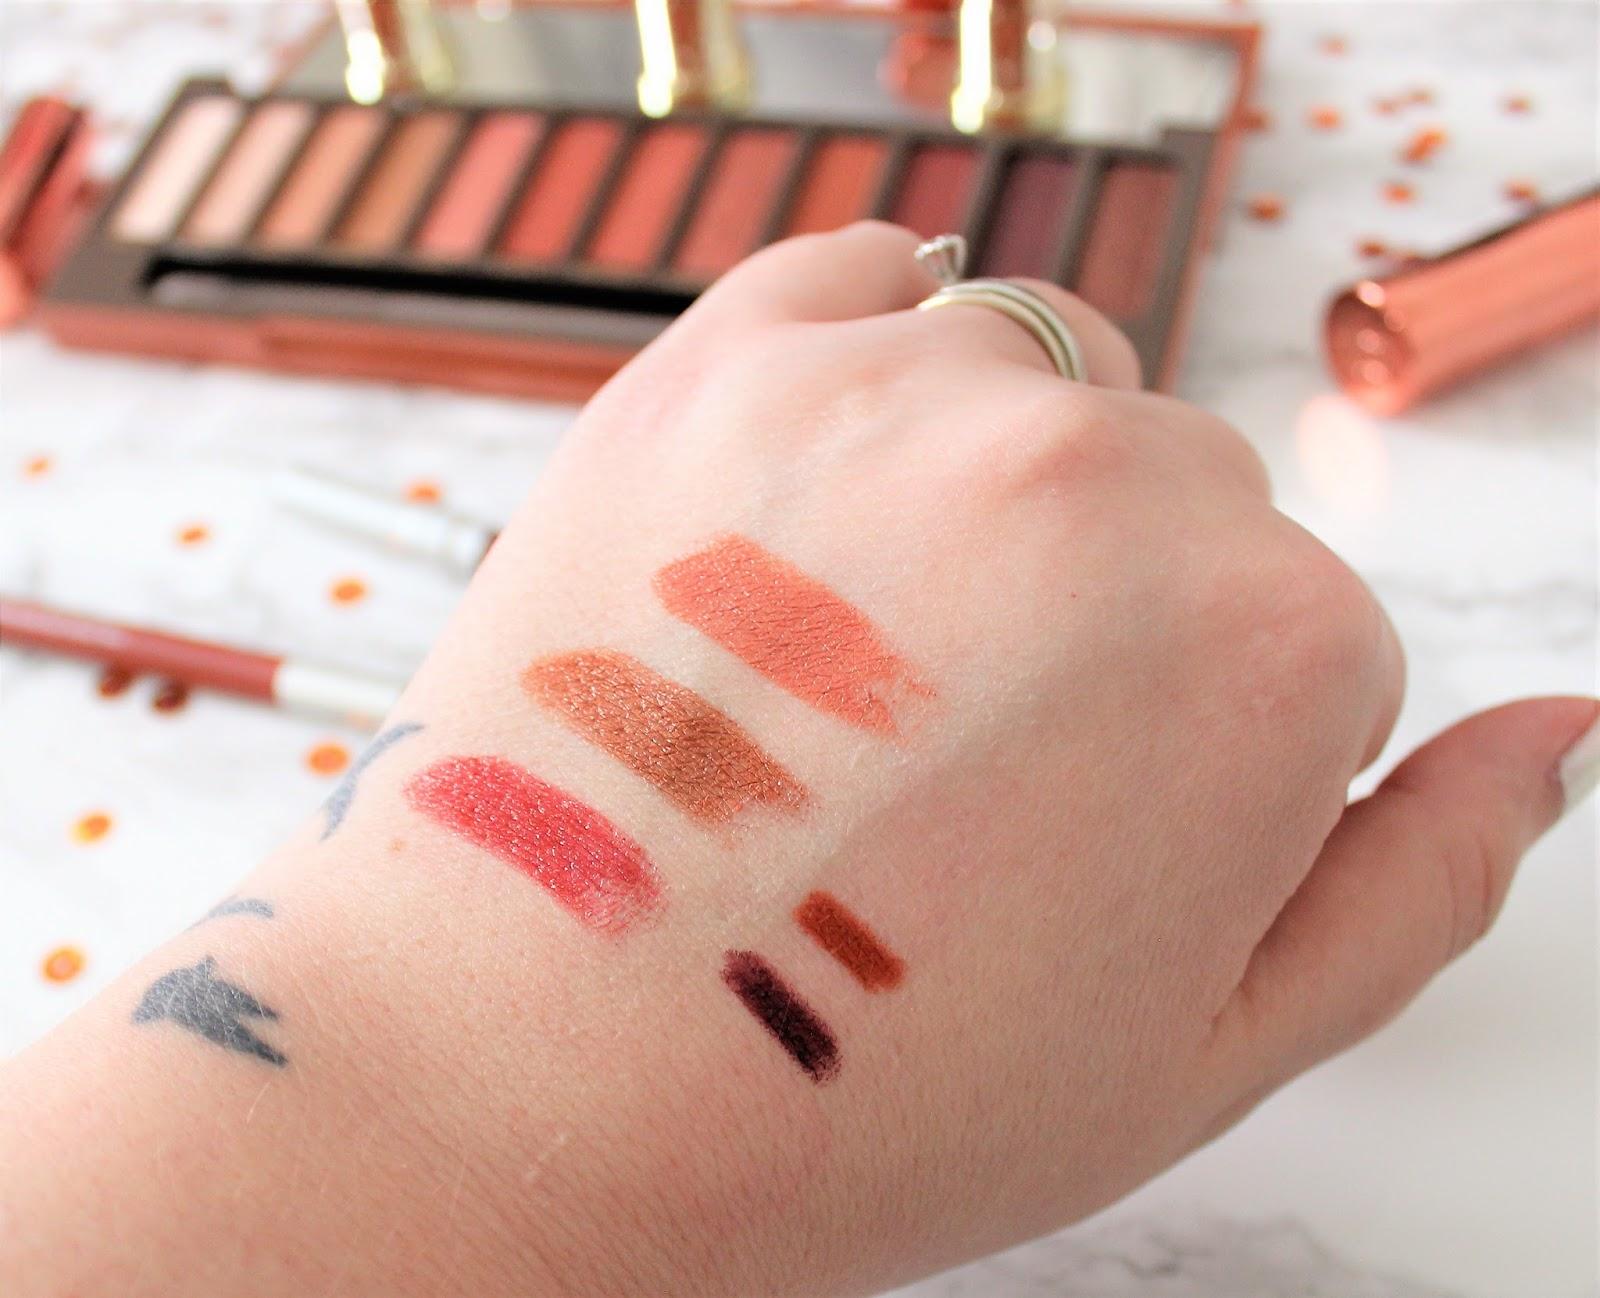 UD Naked Heat Lipstick Eyeliner Swatches